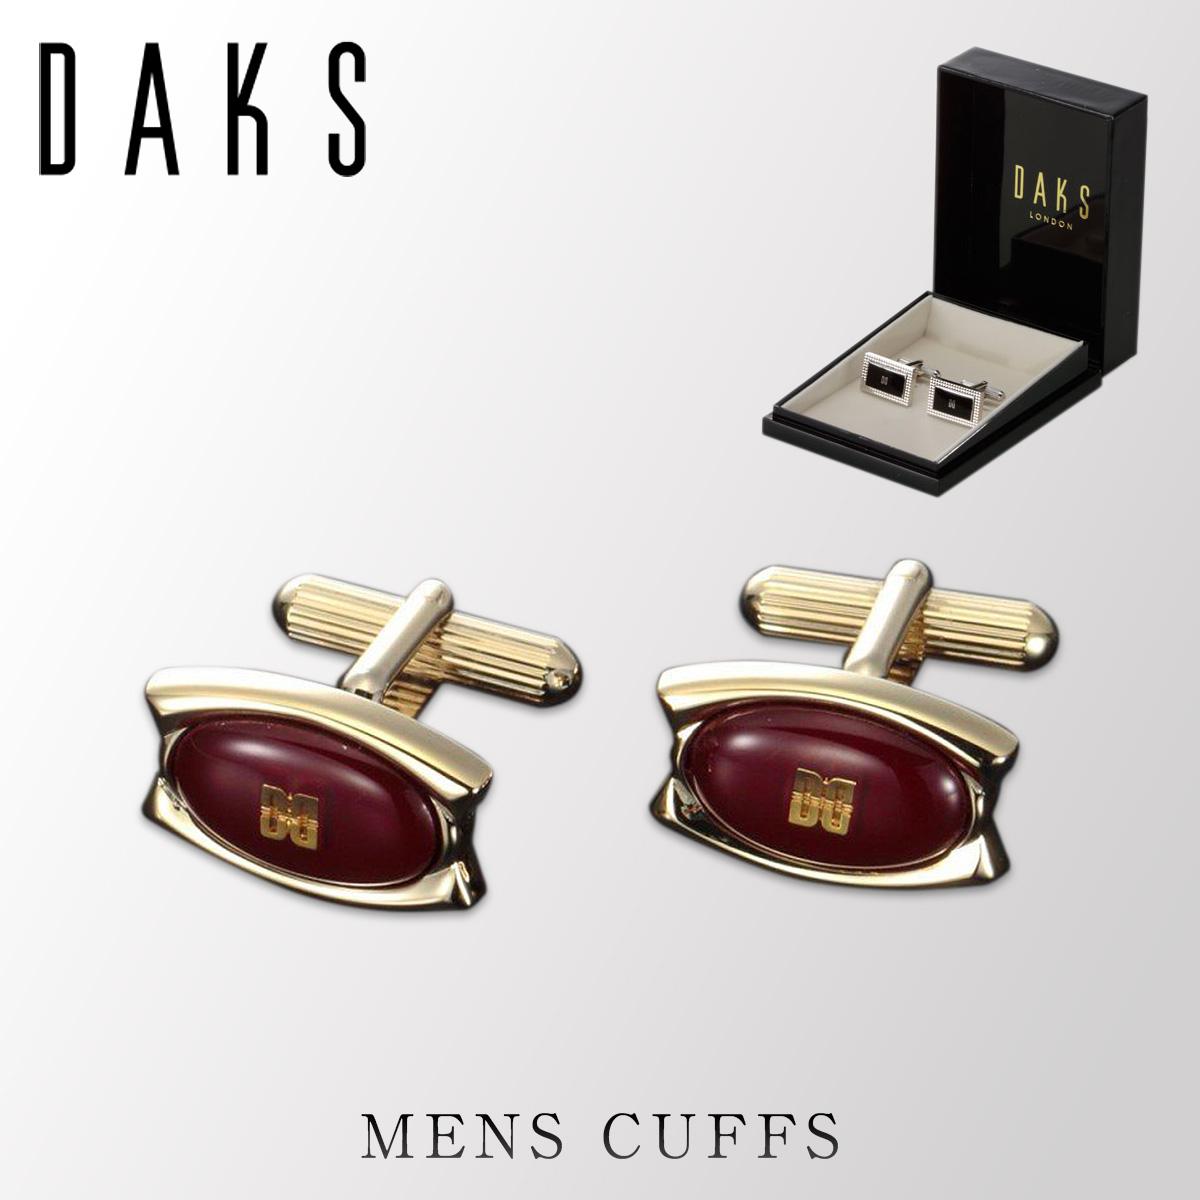 カフス カフスボタン DAKS ダックス DC12025 うるし メンズファッション ギフト プレゼント 贈り物 人気